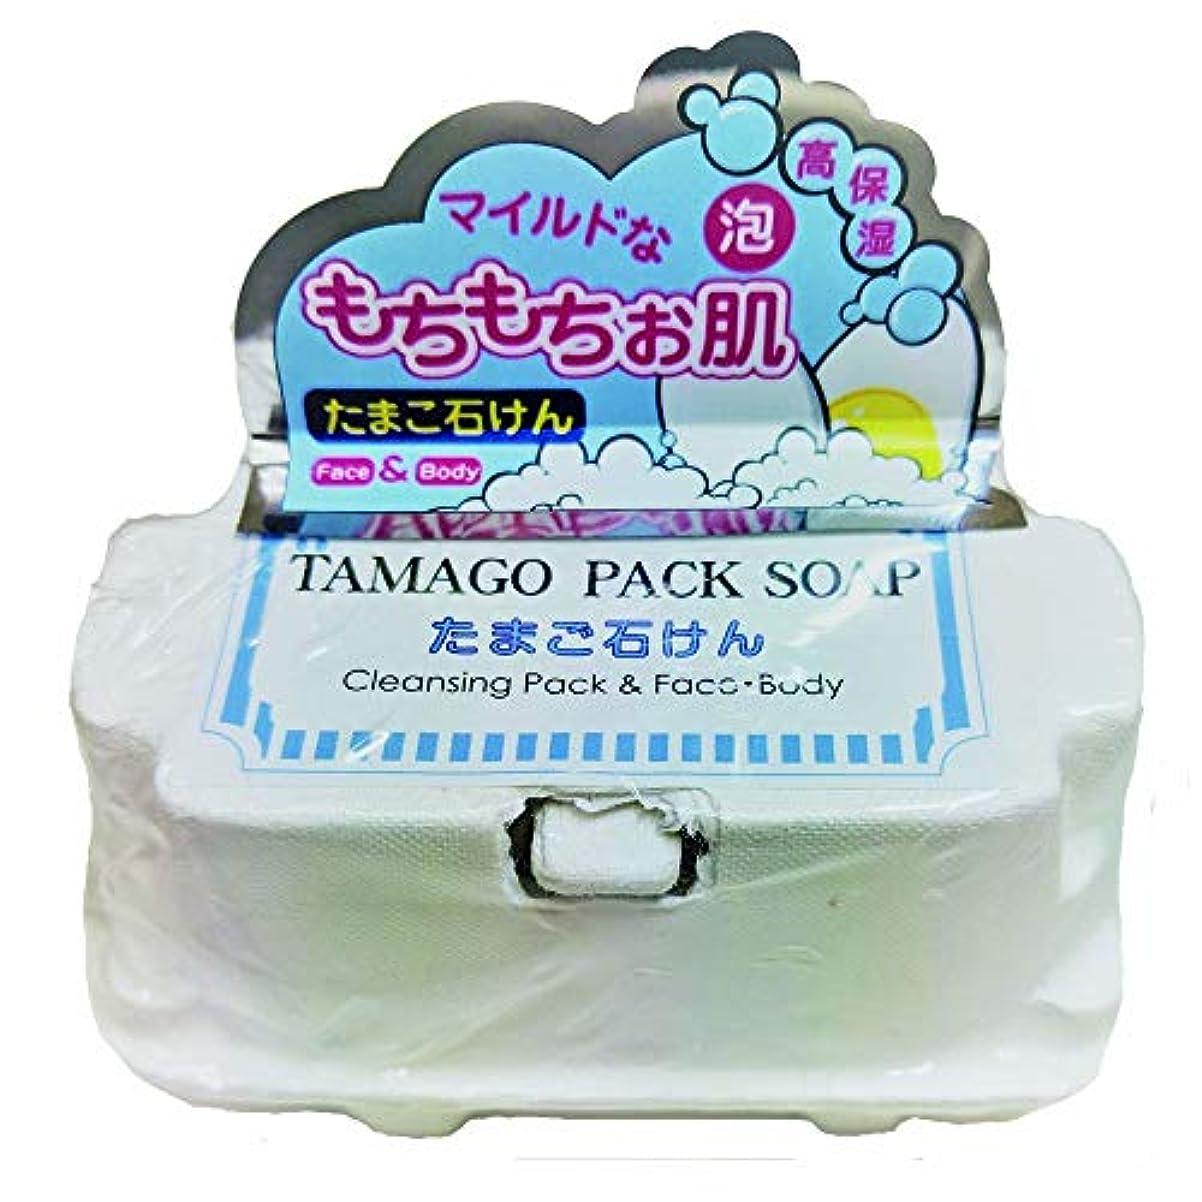 ラダ開業医偽ドクターアト たまご石けん Dr.Ato TAMAGO PACK SOAP 50g×2